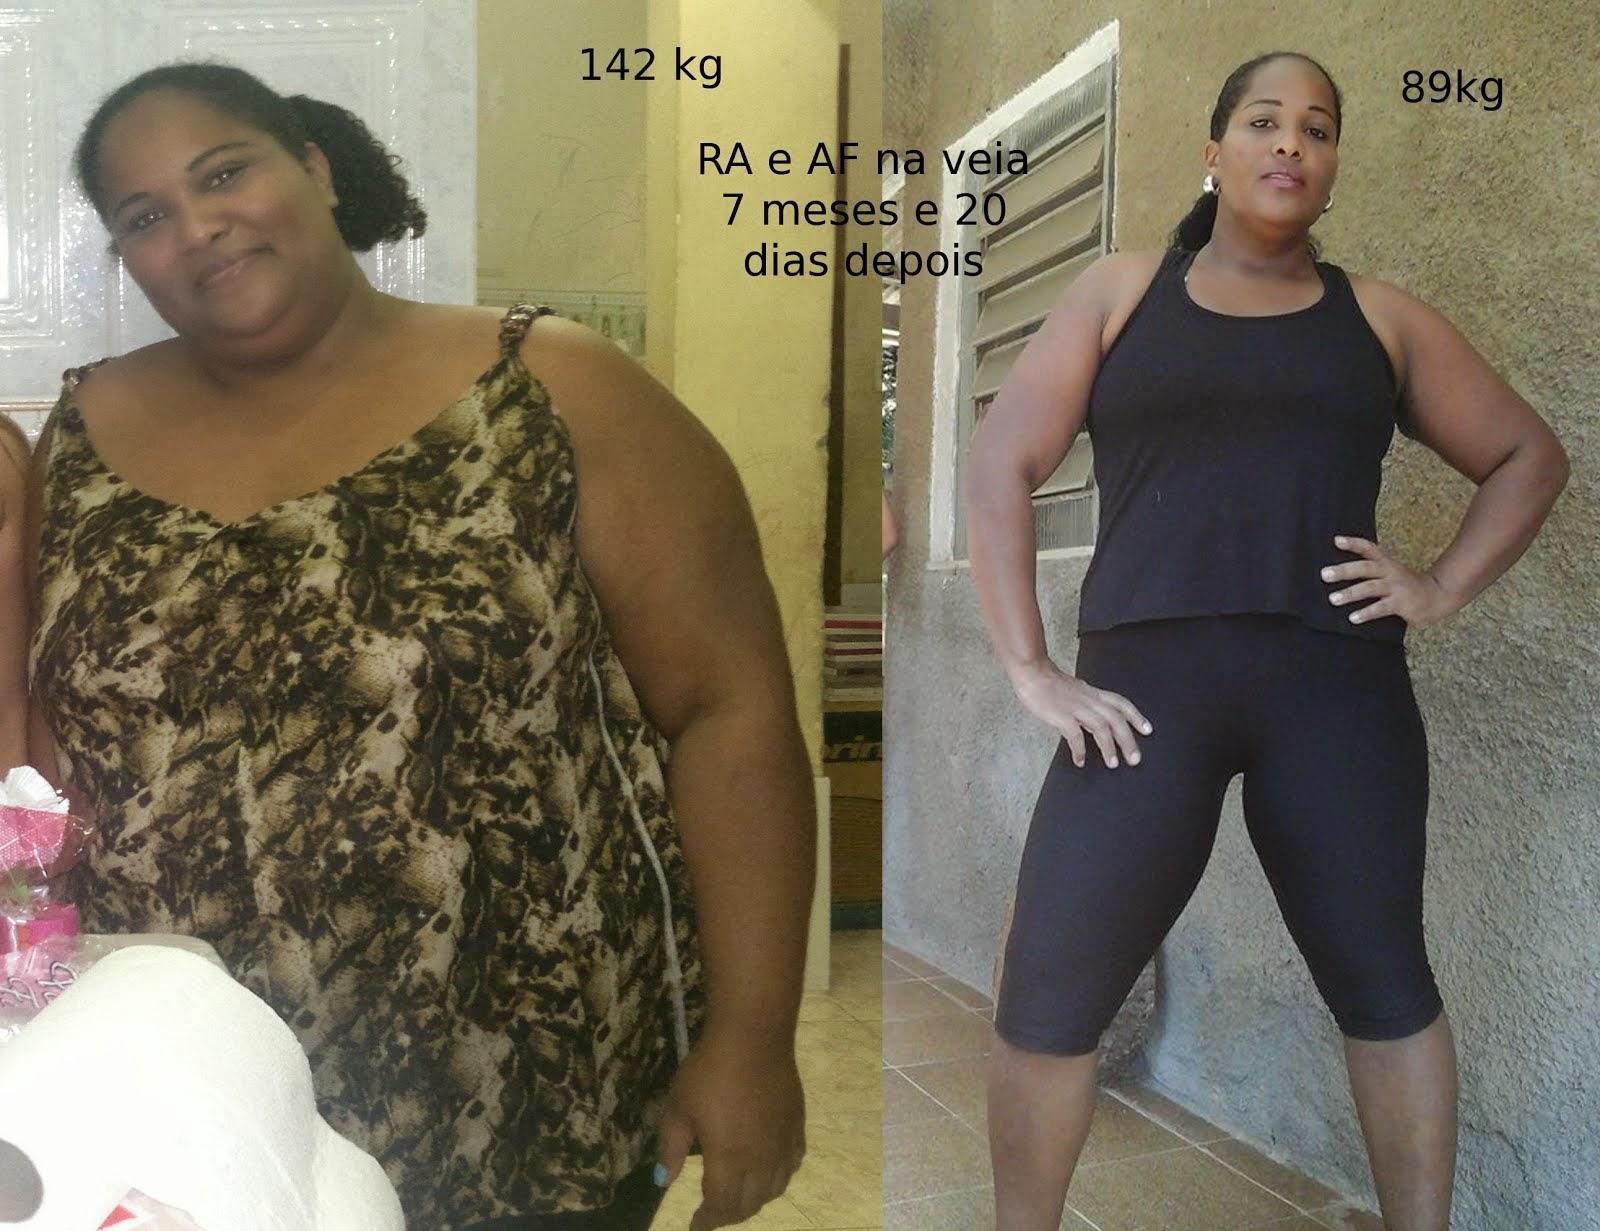 Com 89 kg